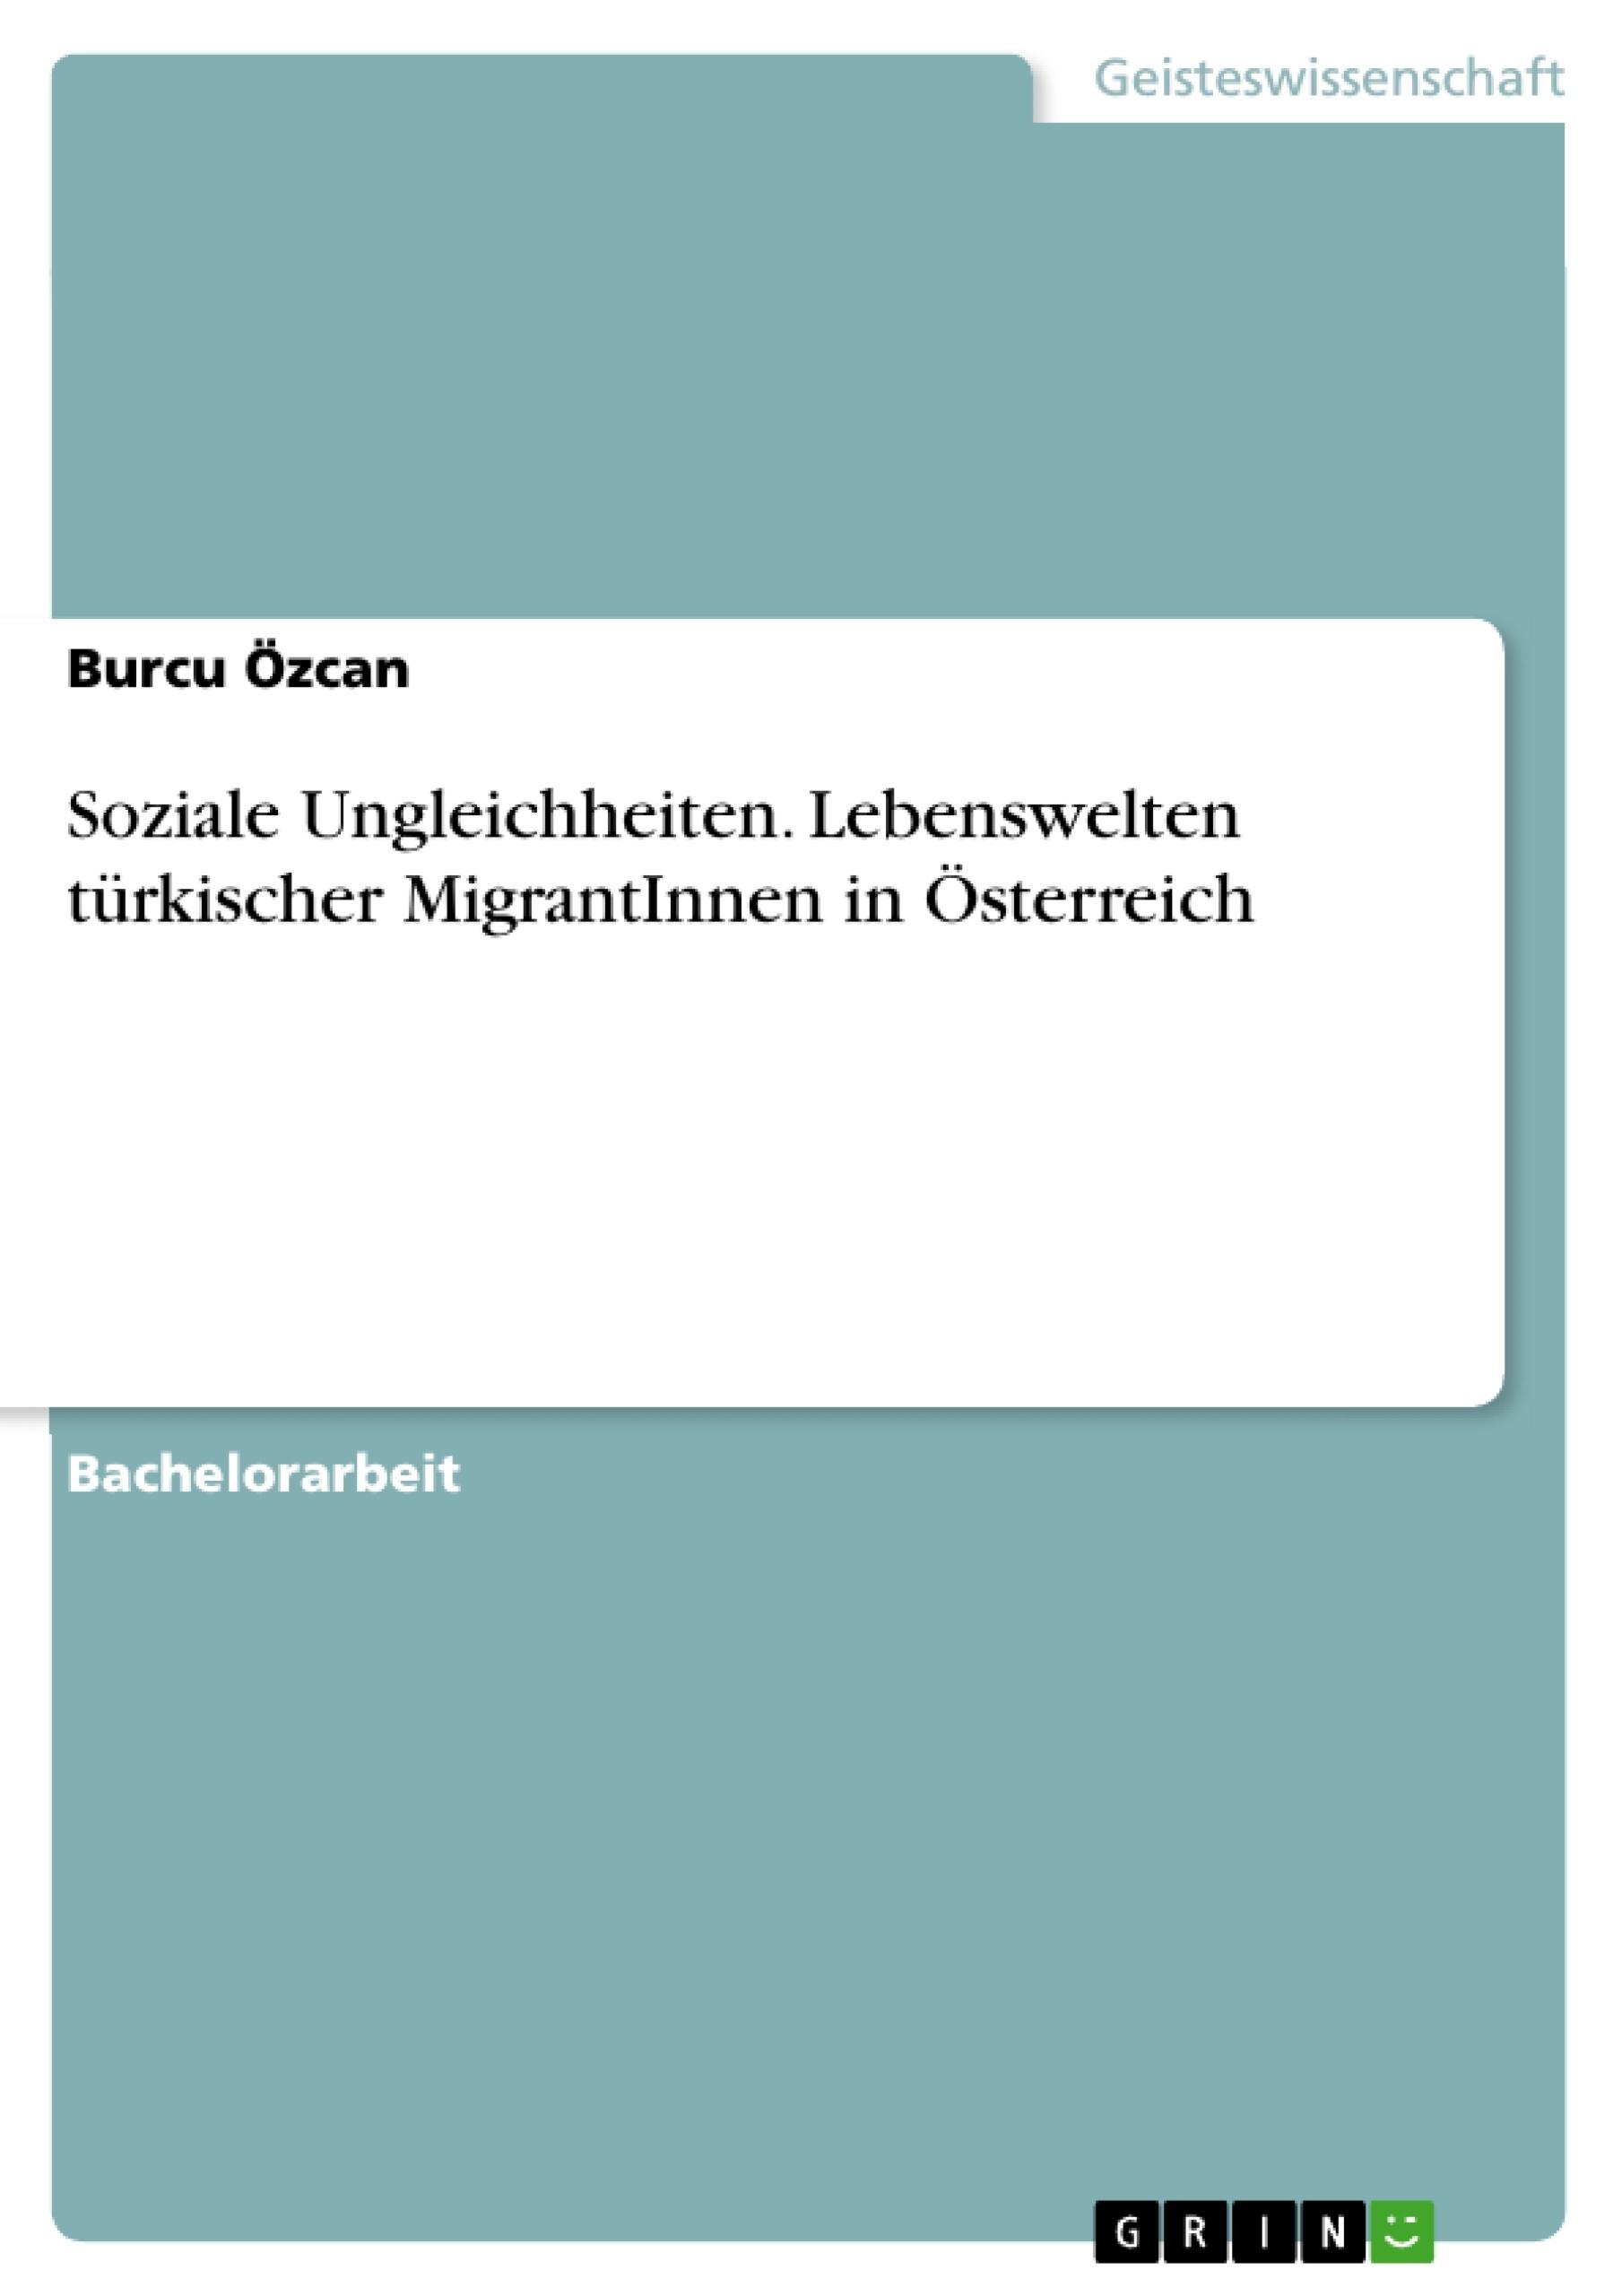 Titel: Soziale Ungleichheiten. Lebenswelten türkischer MigrantInnen in Österreich